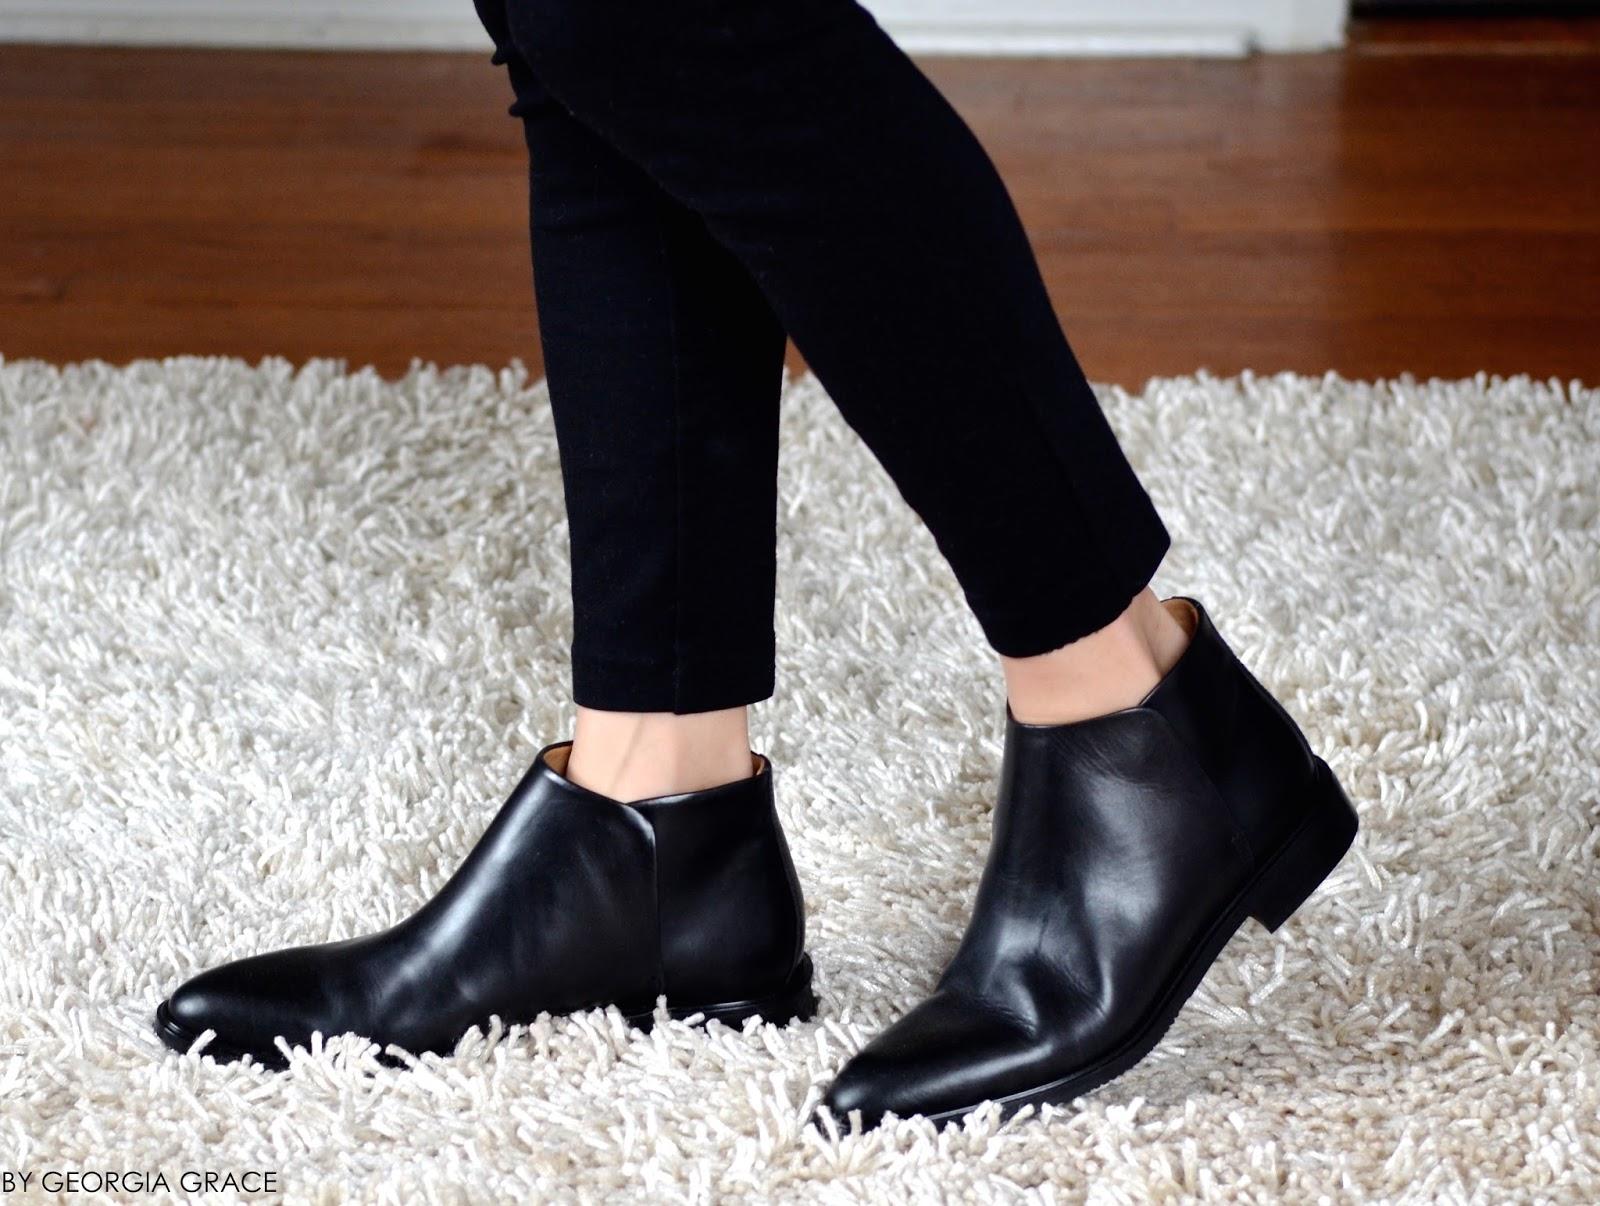 Everlane Street Shoe Sizing